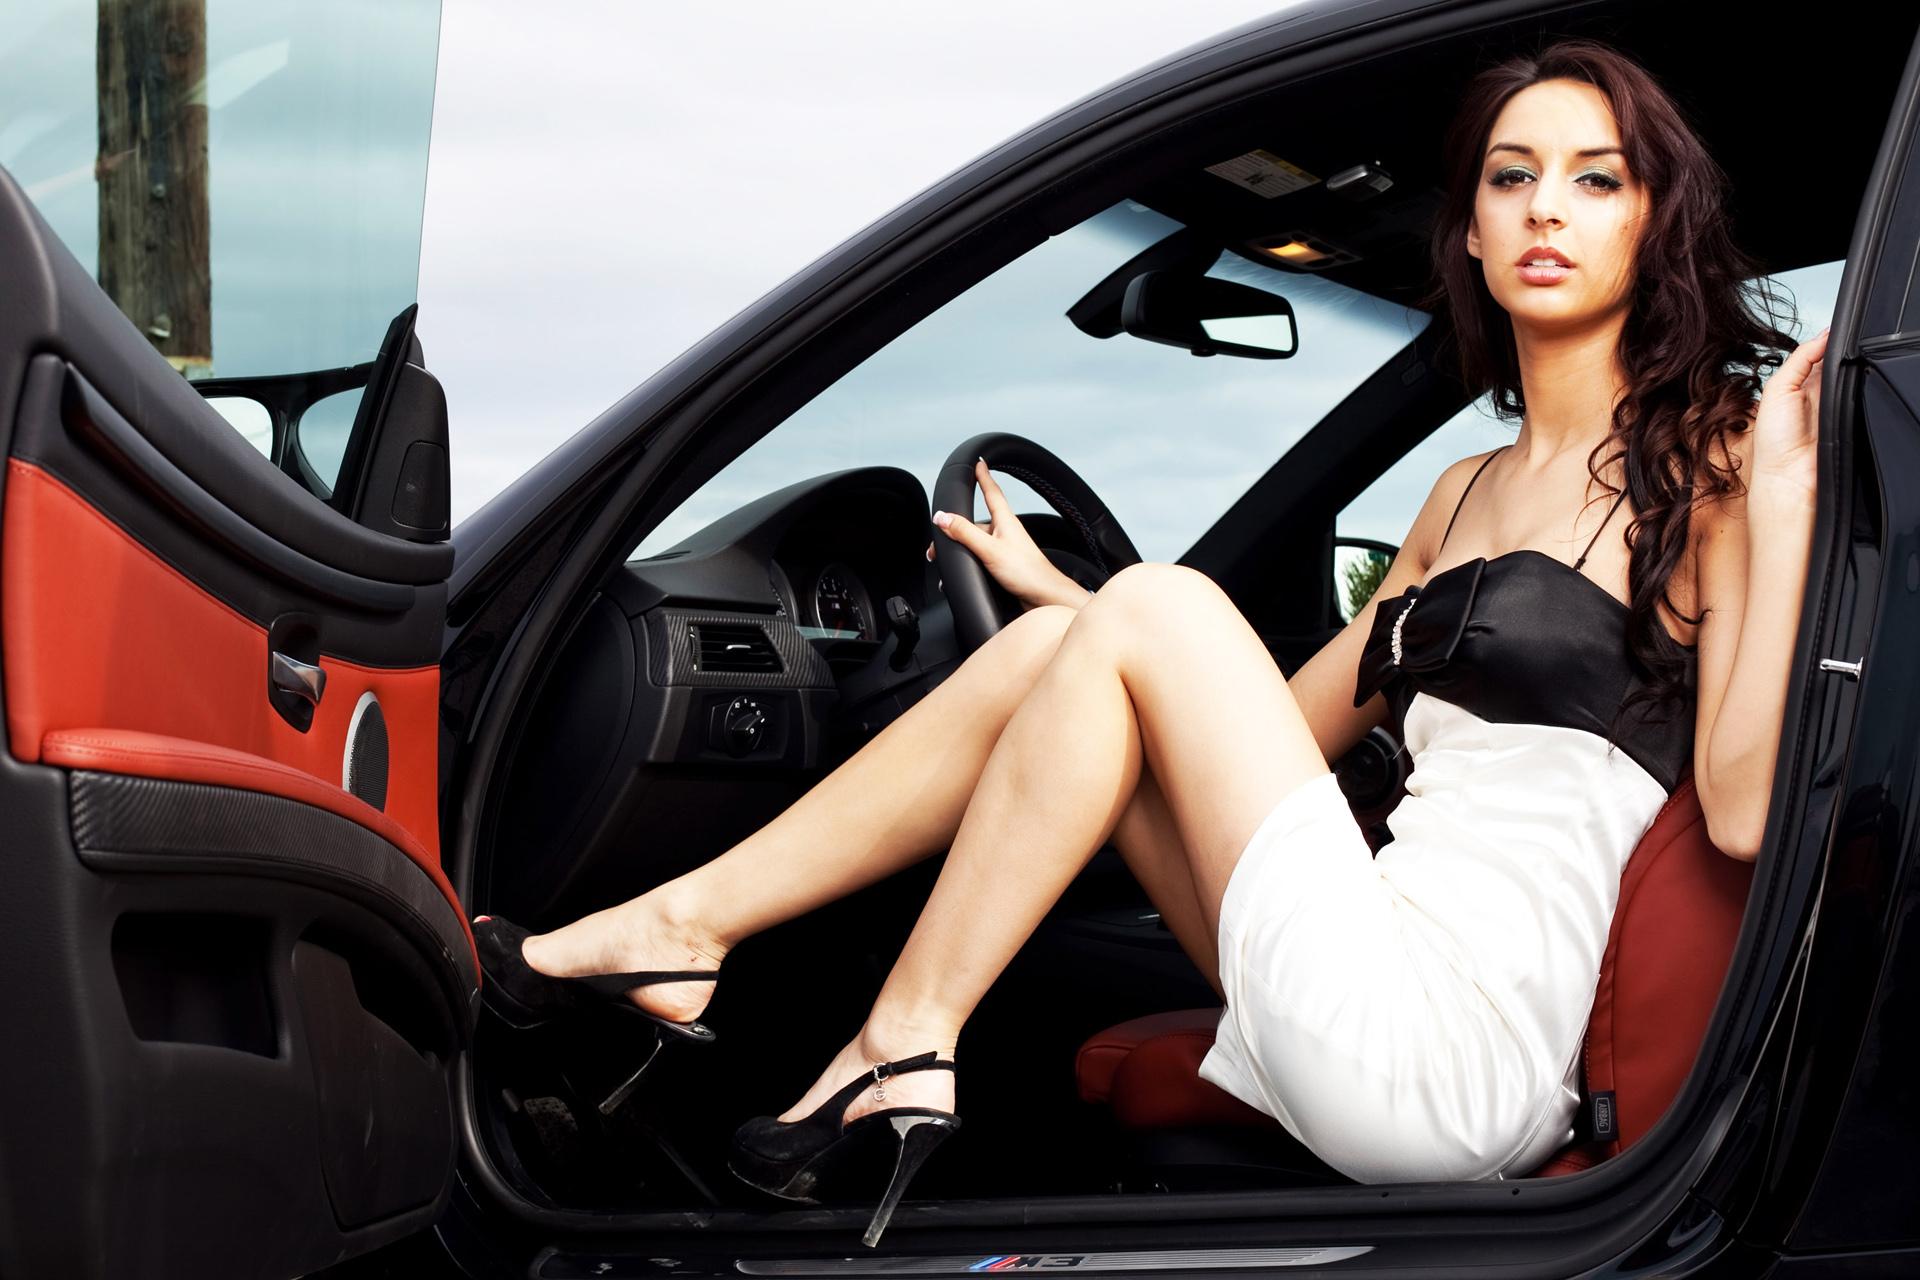 Фотомодели в машине #13